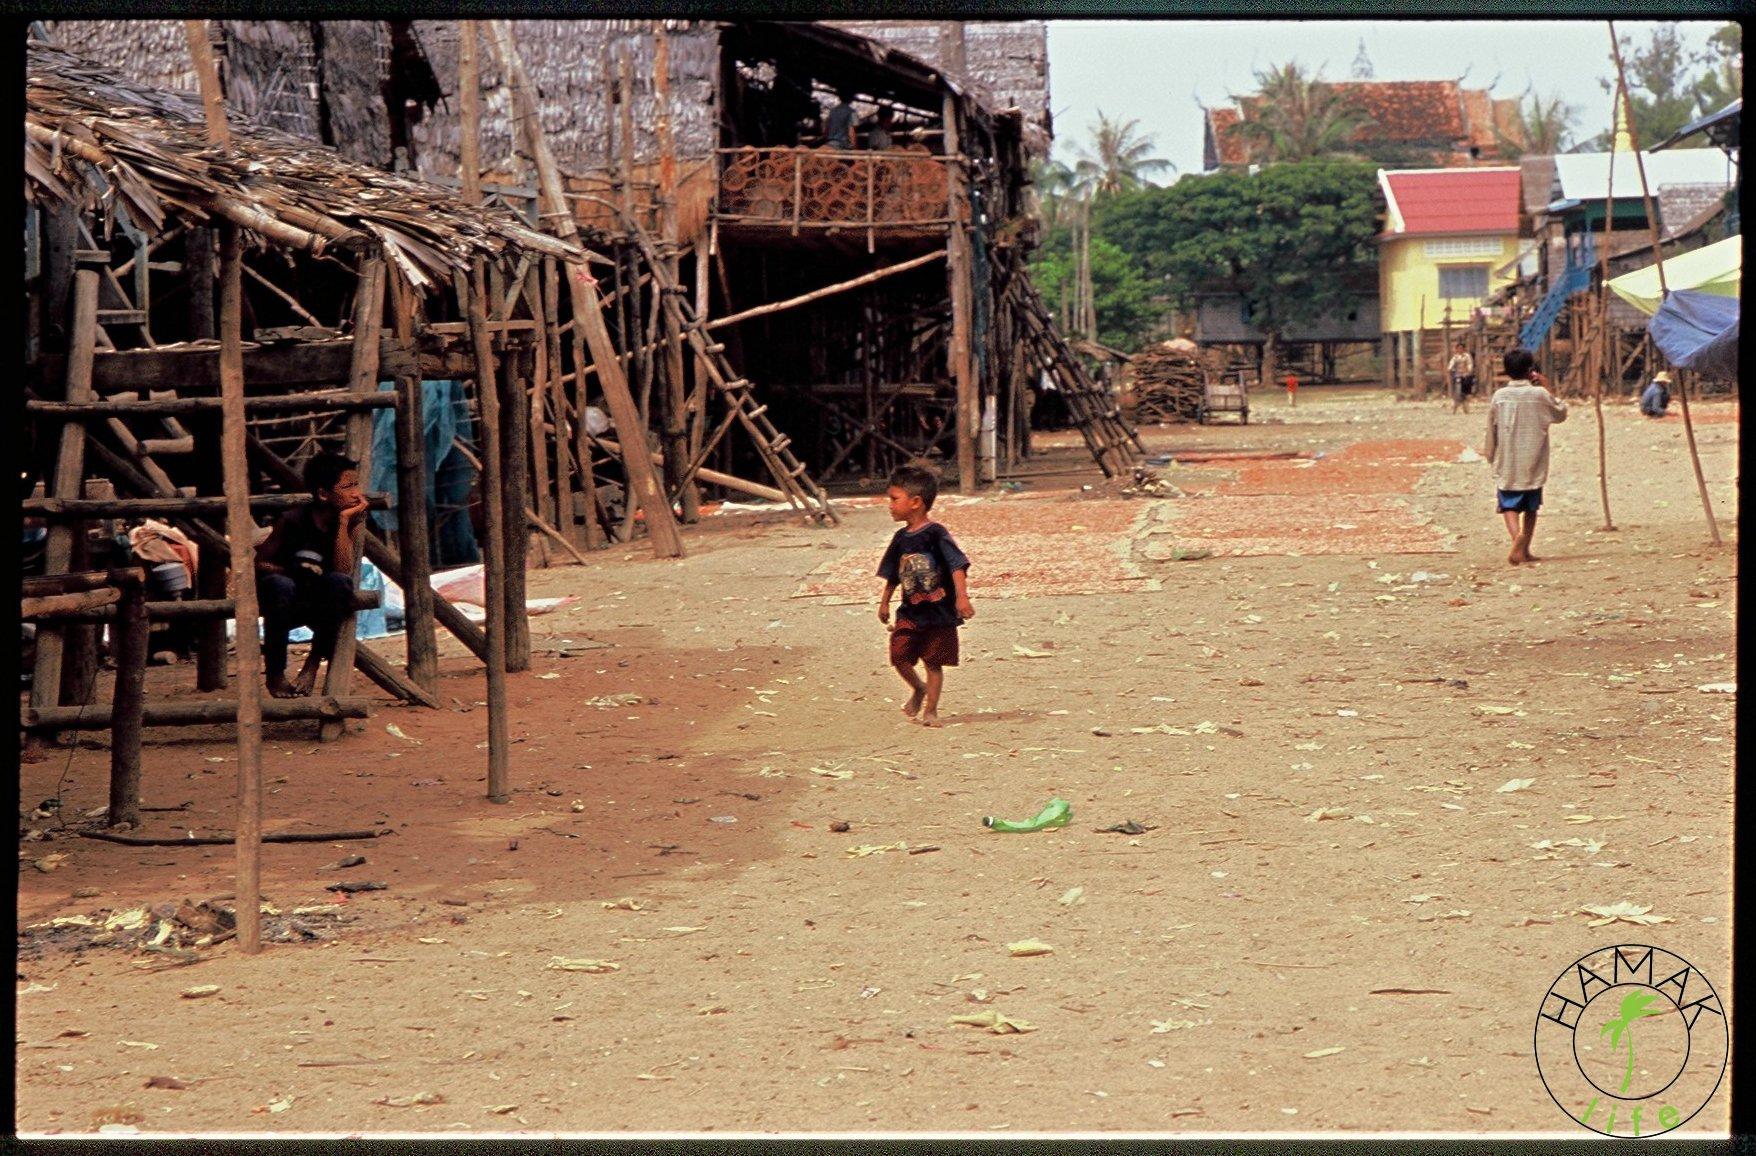 Wioska w Kambodży, kambodżańka osada na palach, fotoreportaż